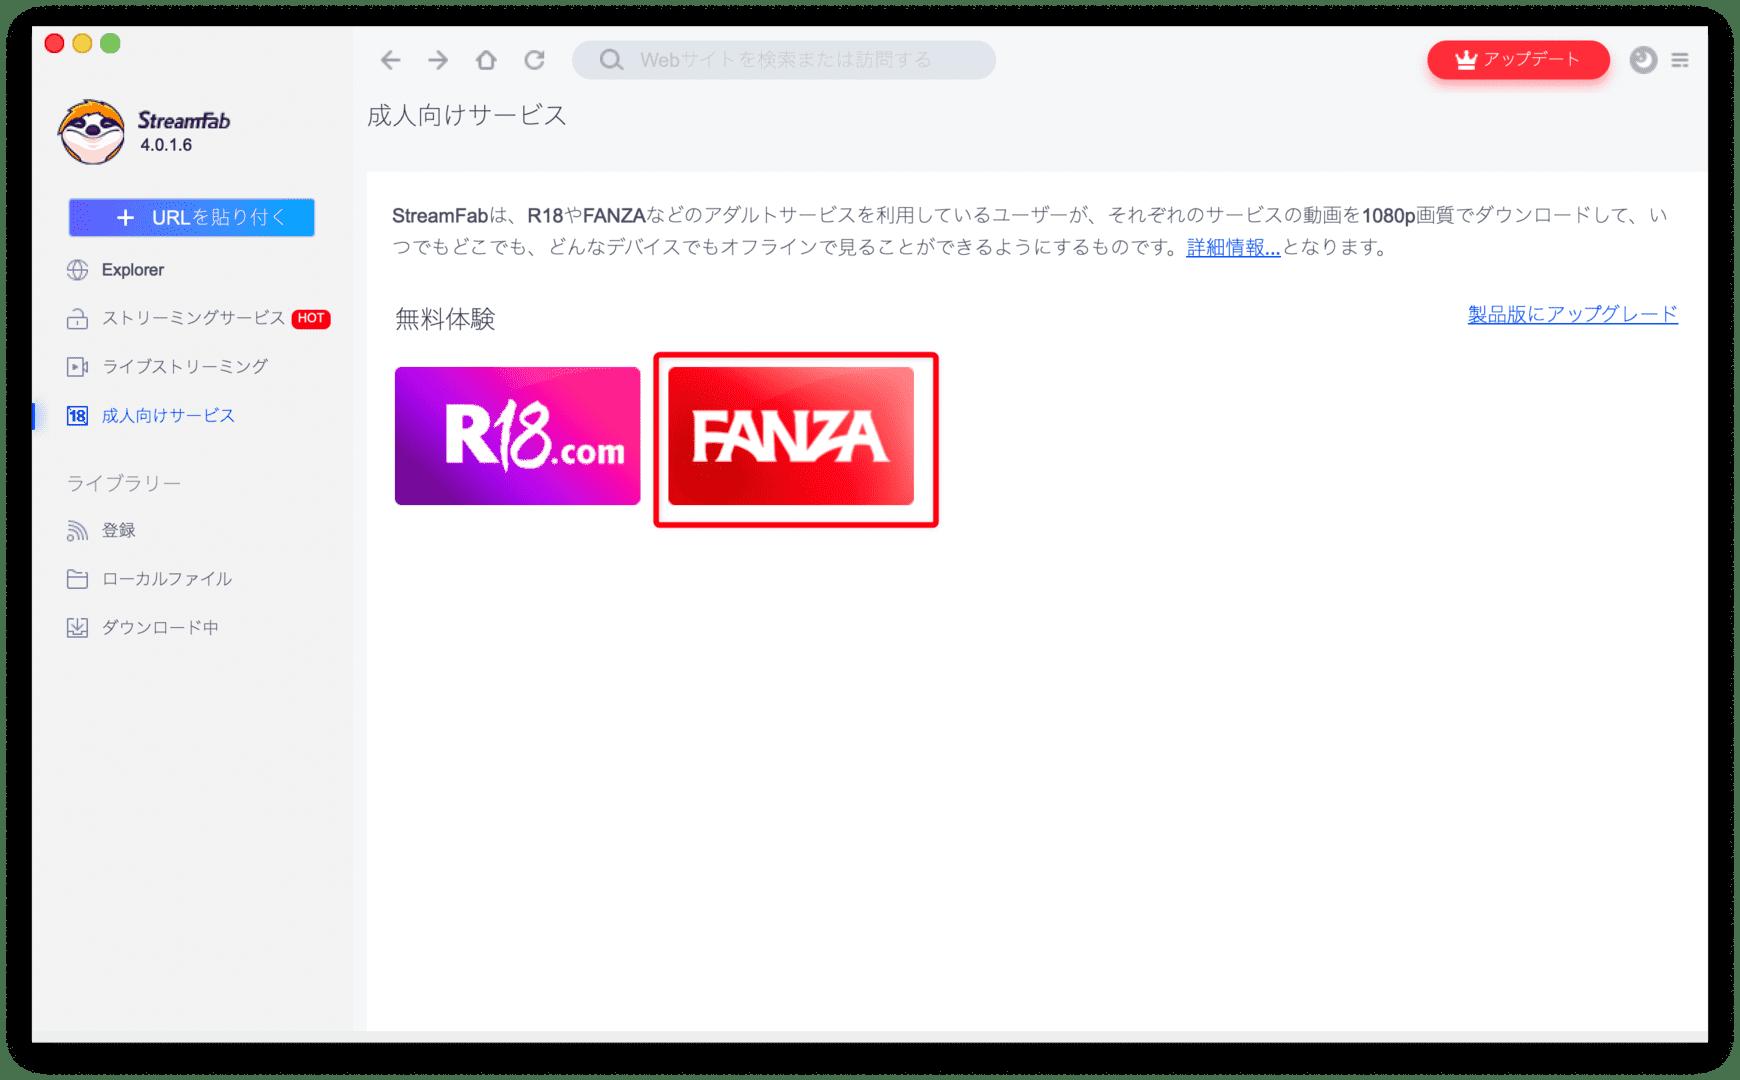 【Mac版FANZAのDRM解除方法】ストリーミング動画を画面録画!FANZAのDRM解除方法Mac版 録画保存した動画はスマホでオフライン再生可能! 録画方法:すると対応するストリーミングサービスが一覧表示されるので「FANZA」をクリックします。